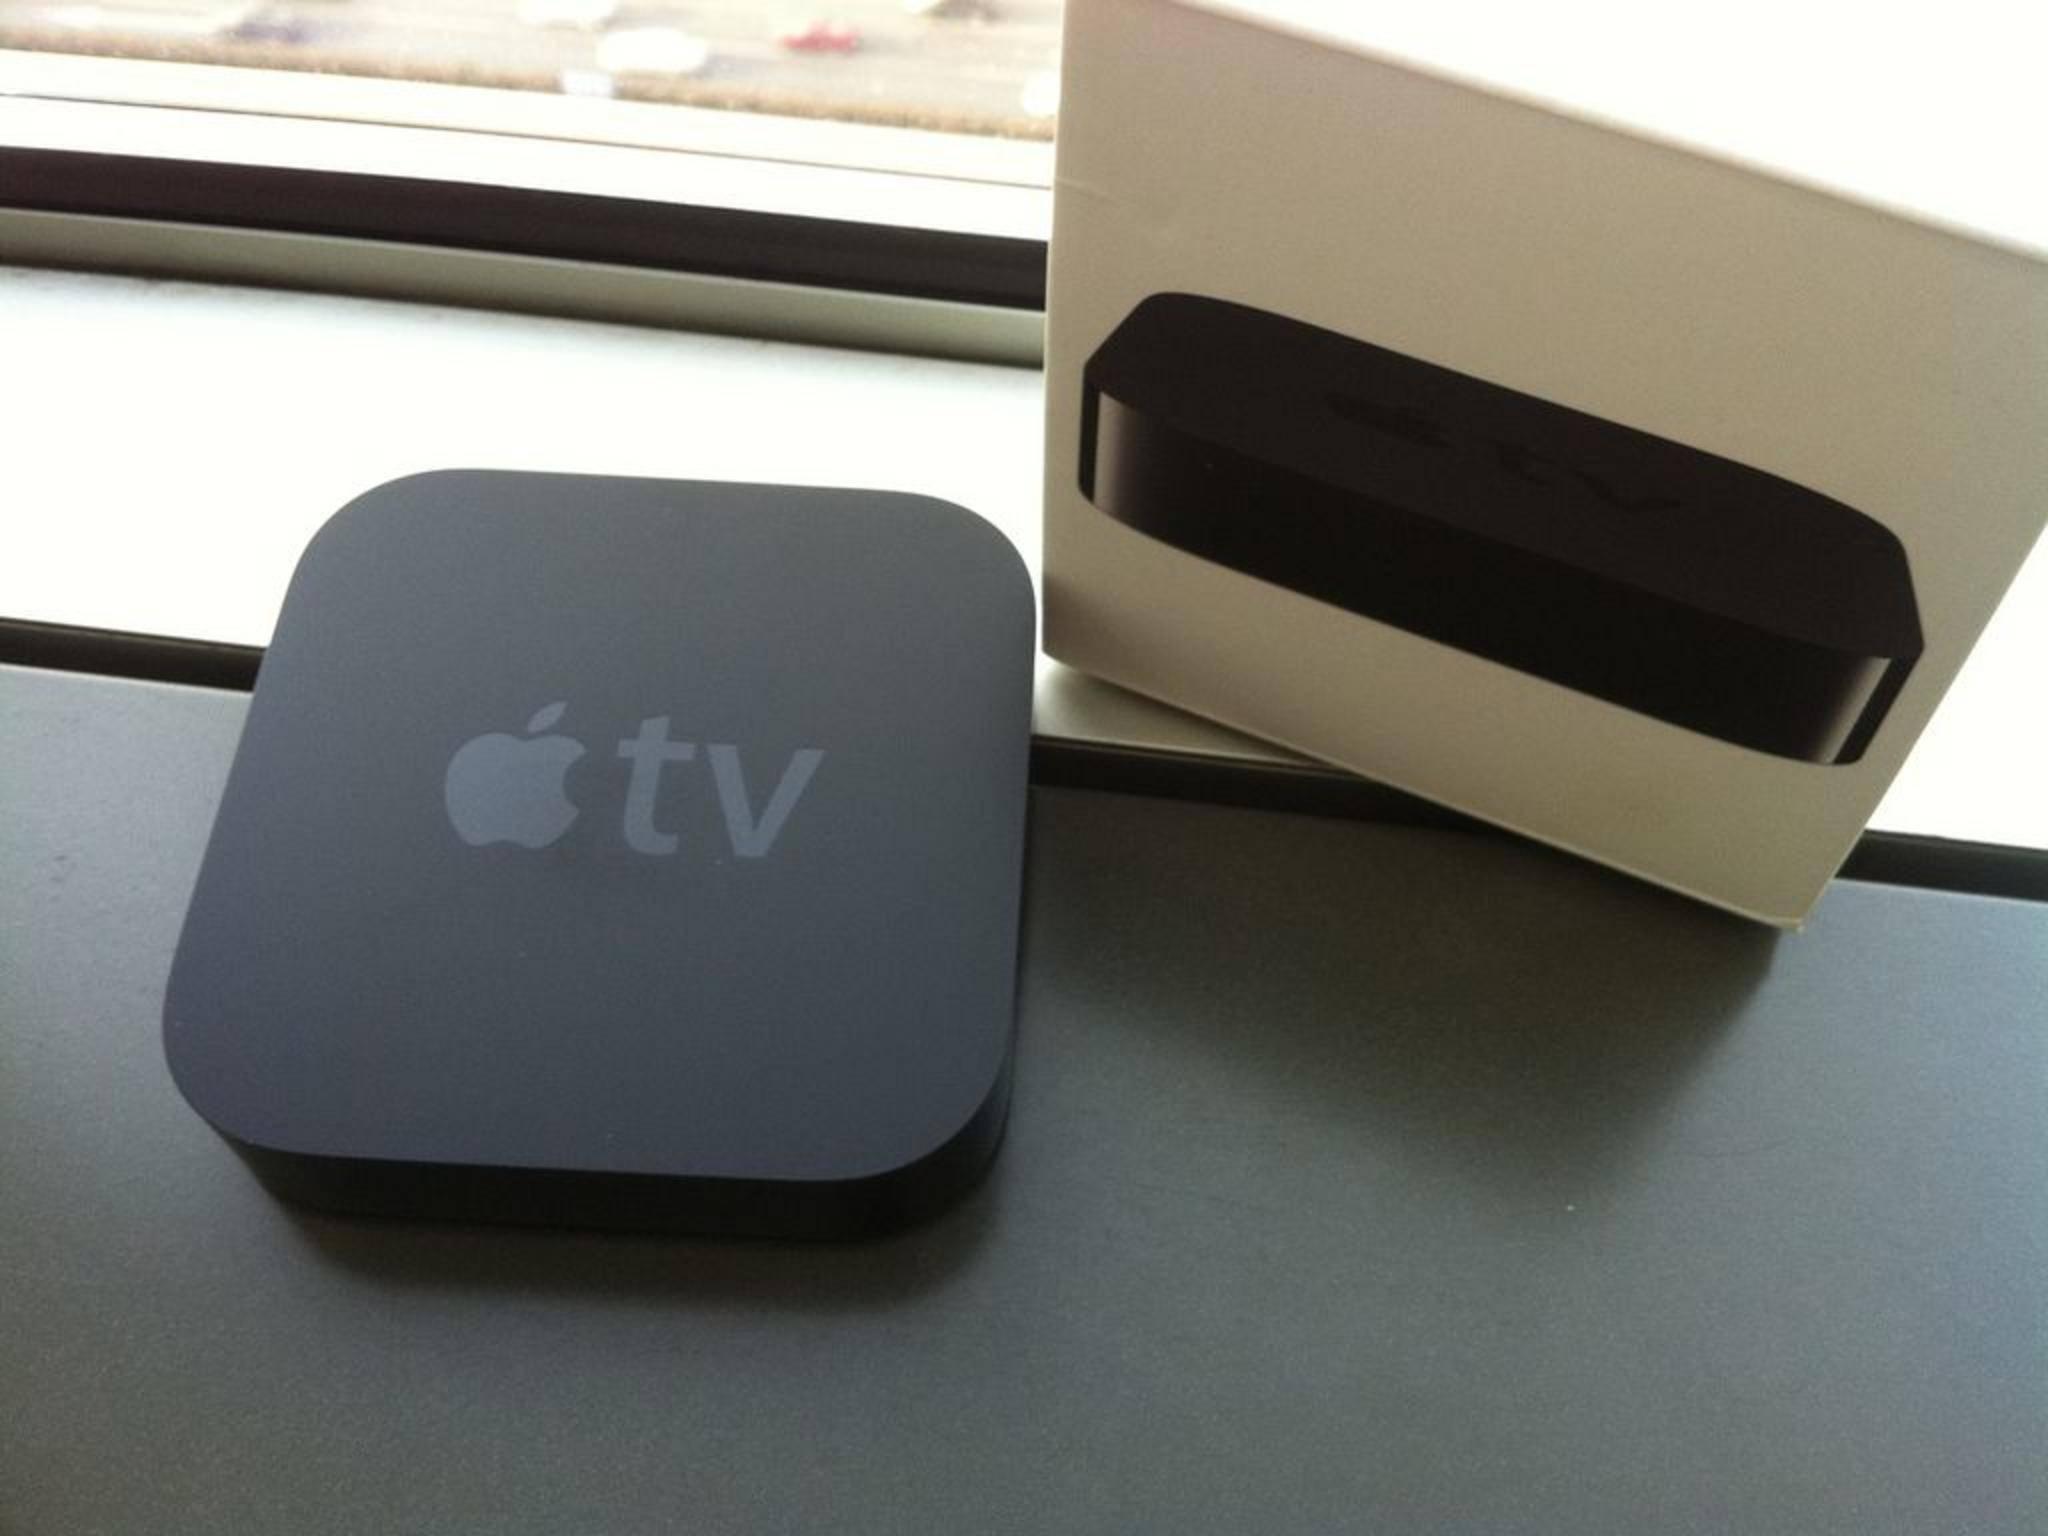 Der Apple TV 4 wird leistungsmäßig aufrüsten, ein dünneres Design ist denkbar.